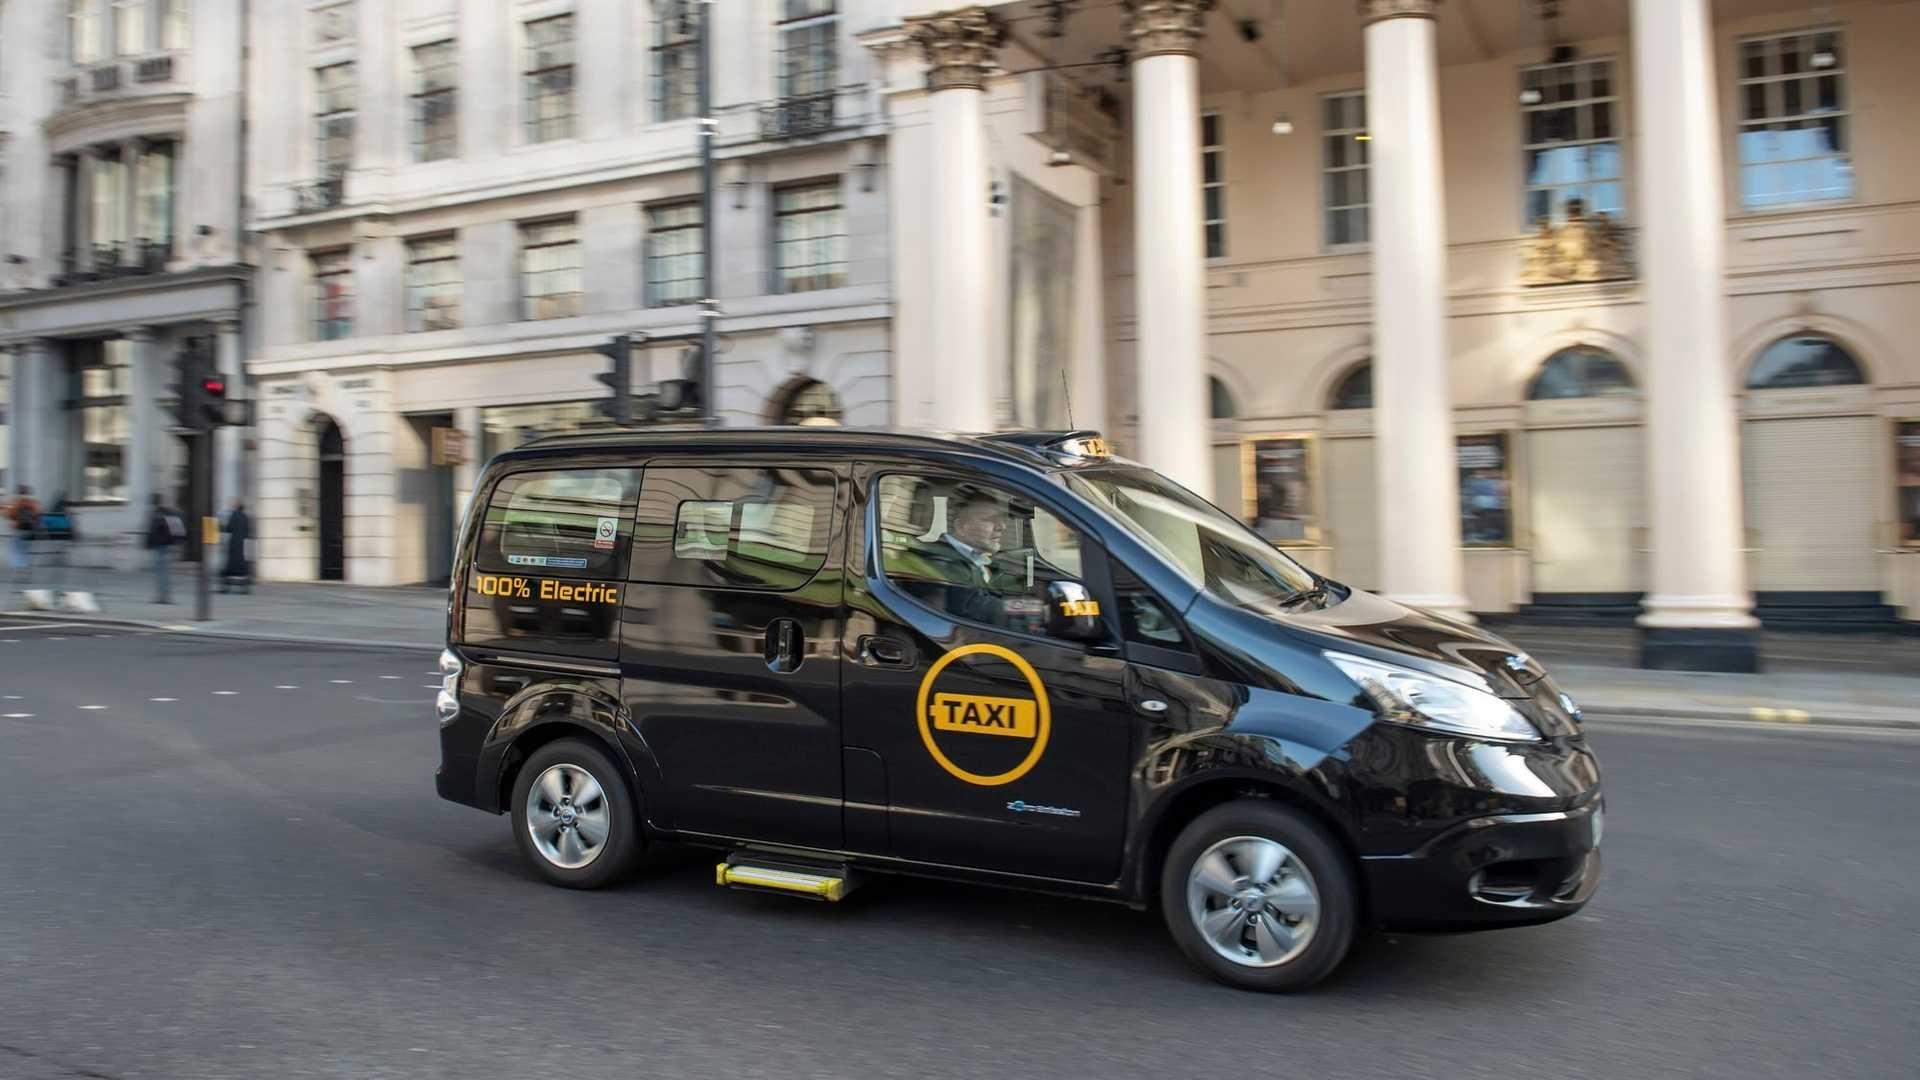 Компания по производству электрических такси Dynamo представляет стратегию роста на 2 млн фунтов стерлингов